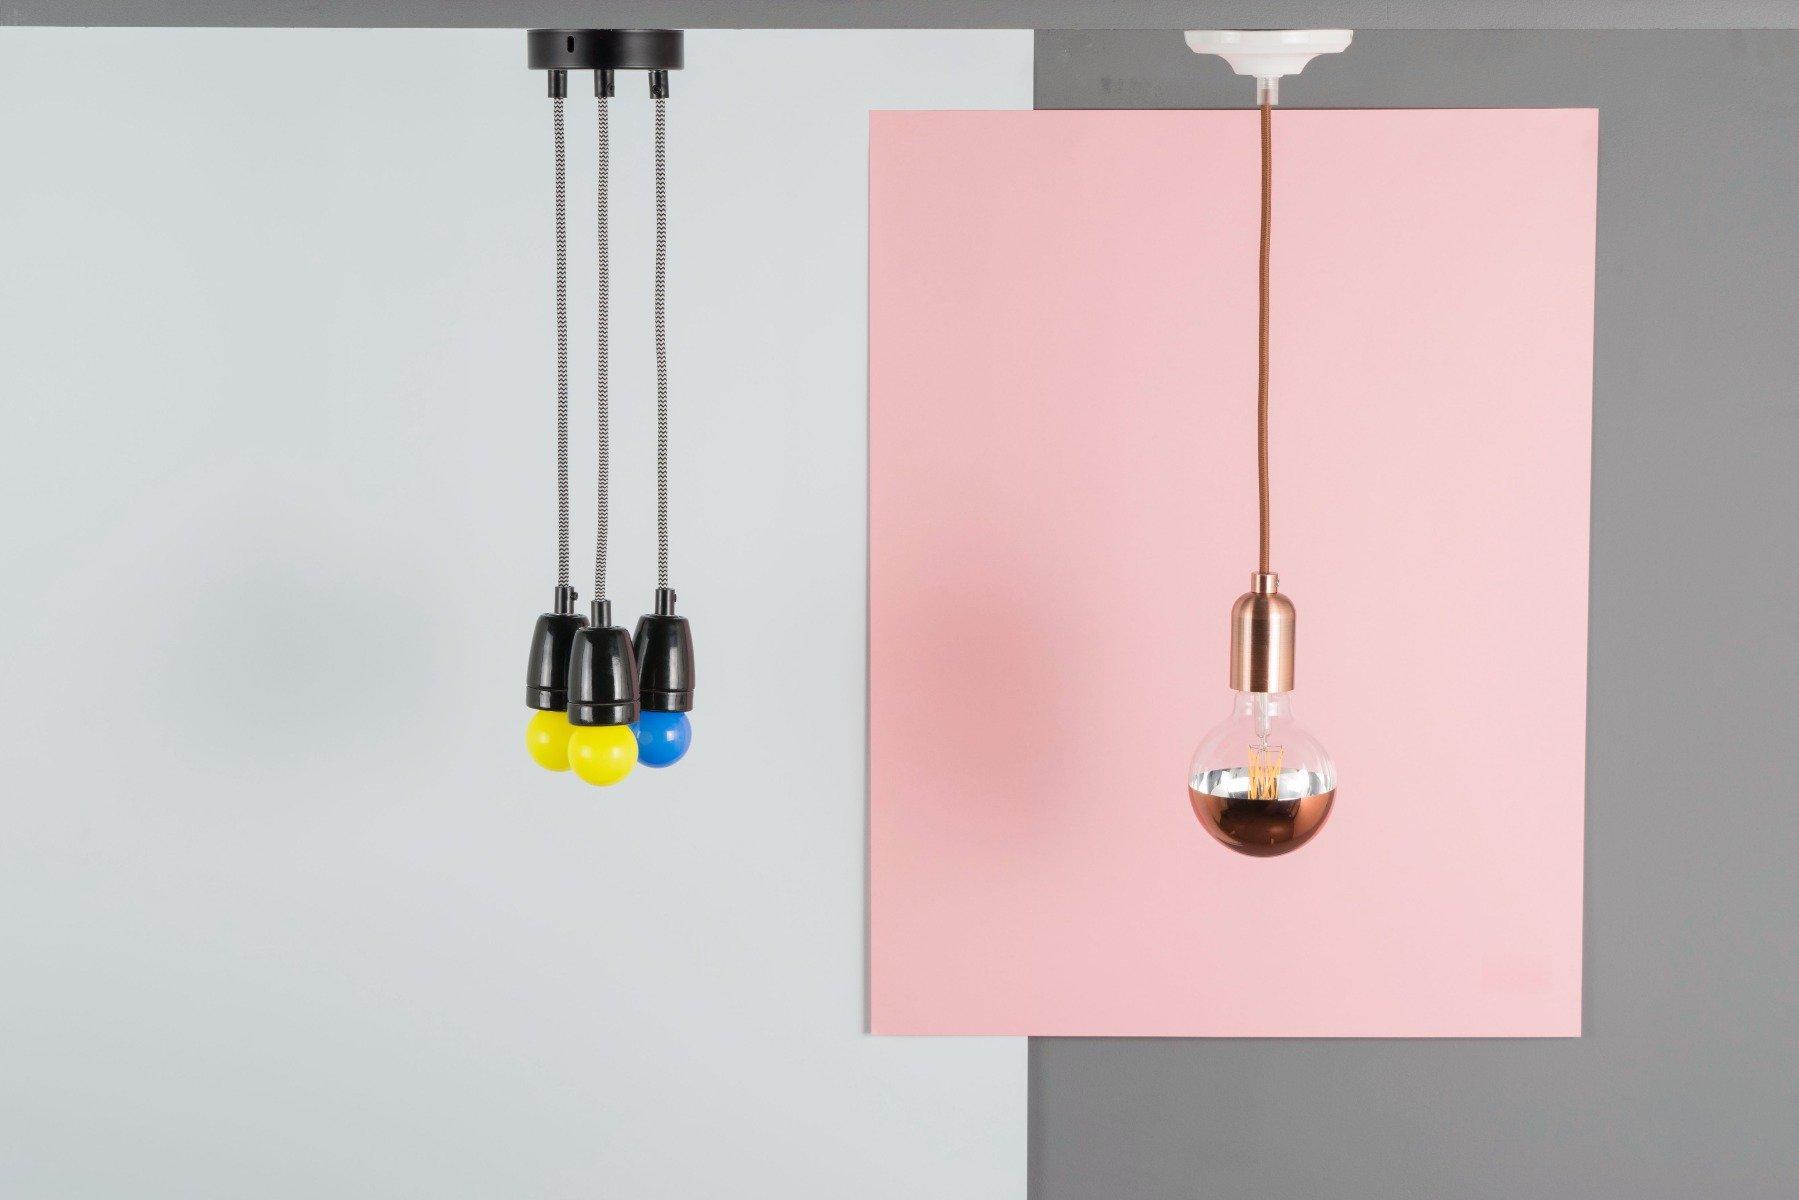 Comment Fabriquer Une Applique Murale le luminaire diy prend une nouvelle tournure avec girard sudron